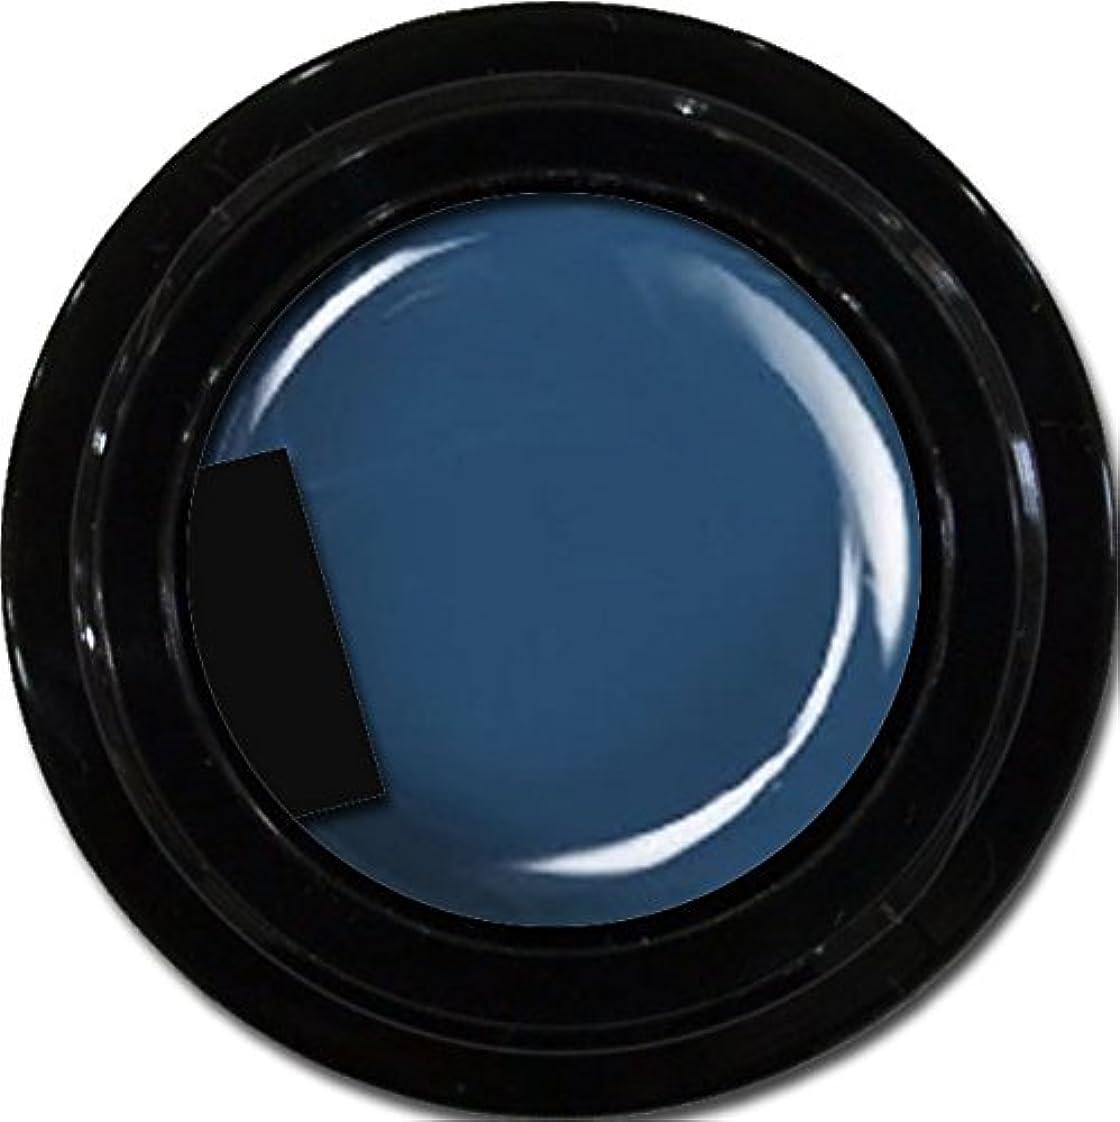 鉛欠乏励起カラージェル enchant color gel M720 BrilliantBlue 3g/ マットカラージェル M720ブリリアントブルー 3グラム